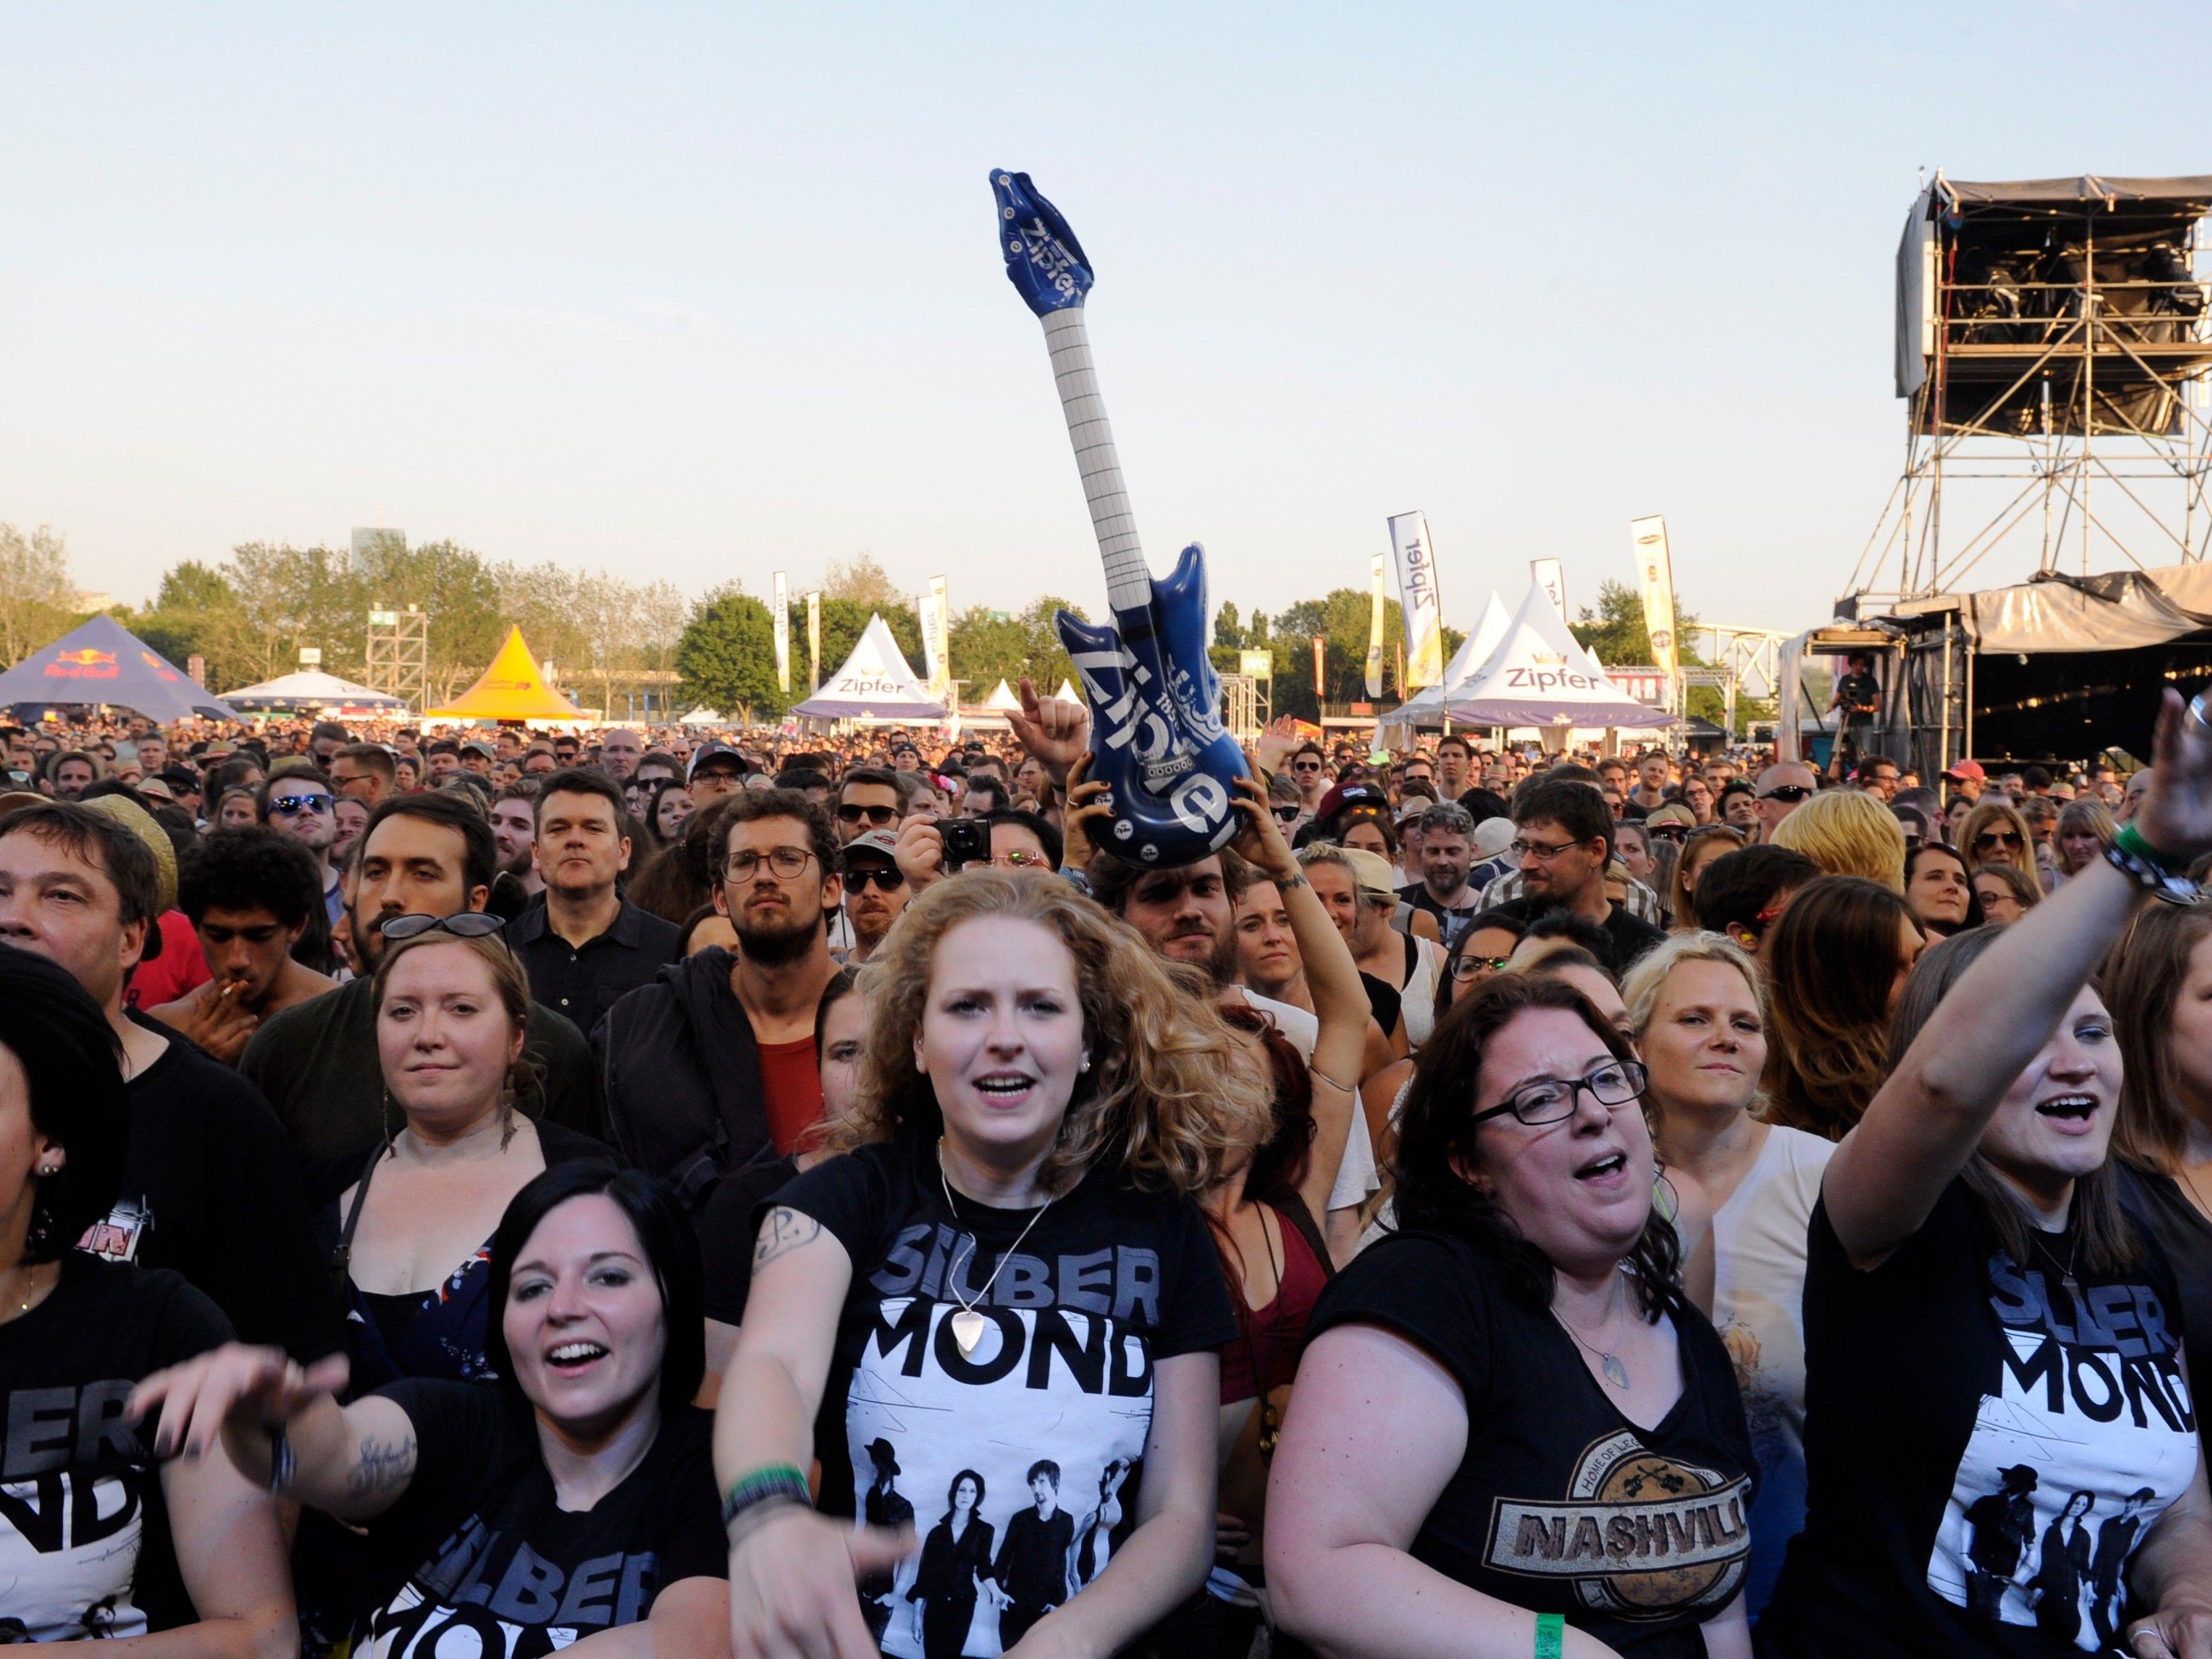 Rock in Vienna-Besucher beim Auftritt von Silbermond am Samstag